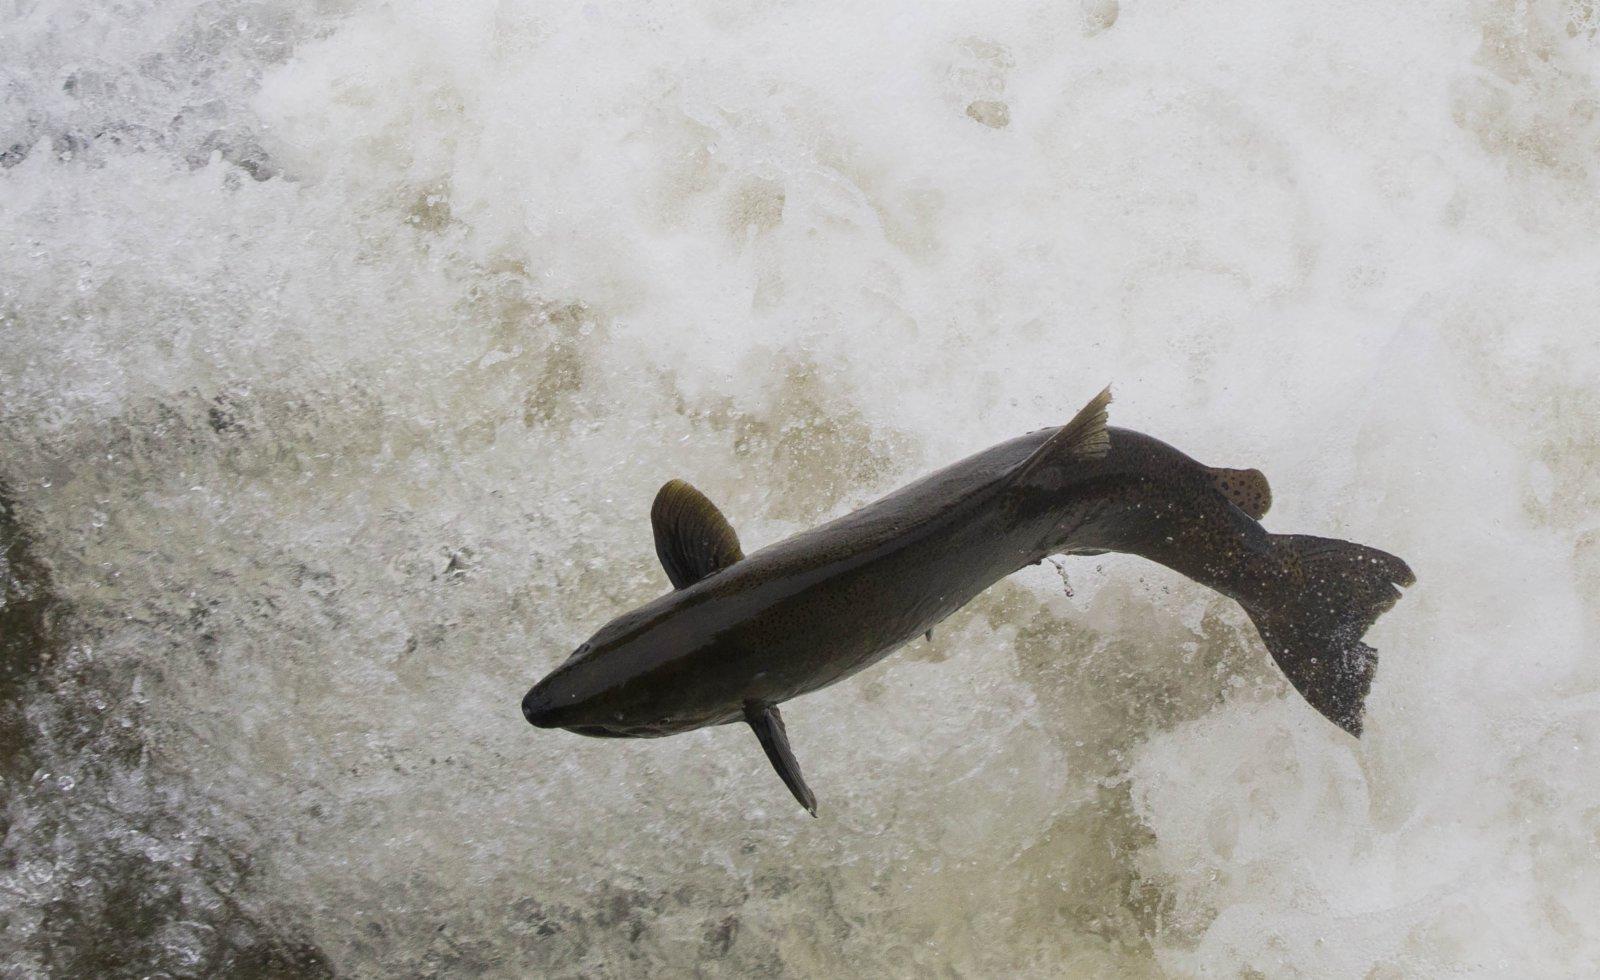 10月6日,在加拿大安大略省霍普港加納拉斯卡河上,一條虹鱒魚躍過魚梯。新華社